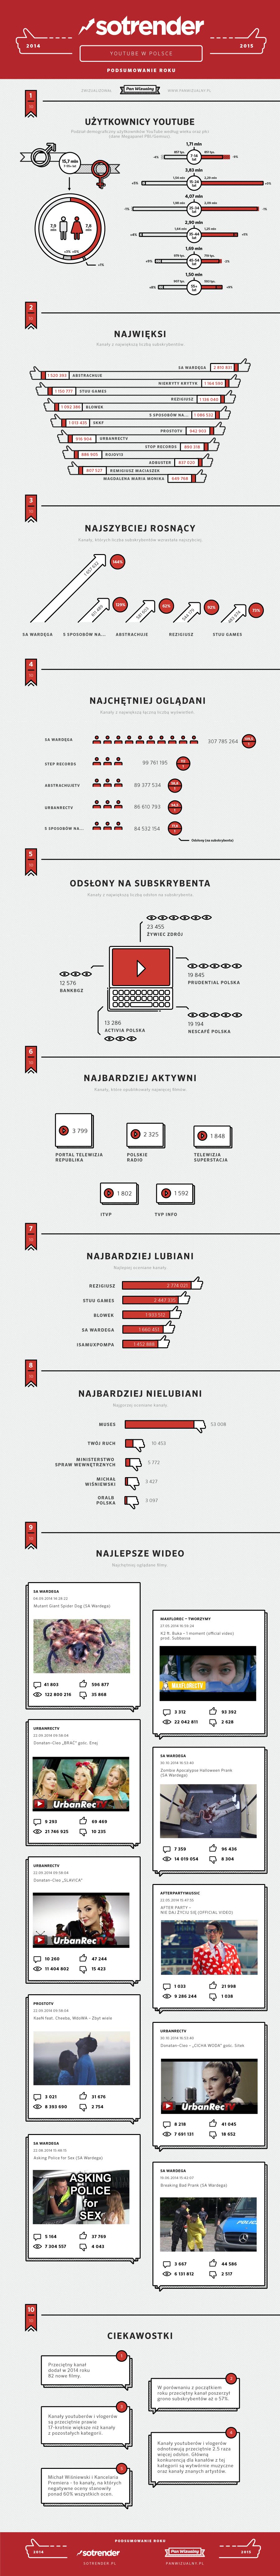 YouTube w Polsce - 2014 r.